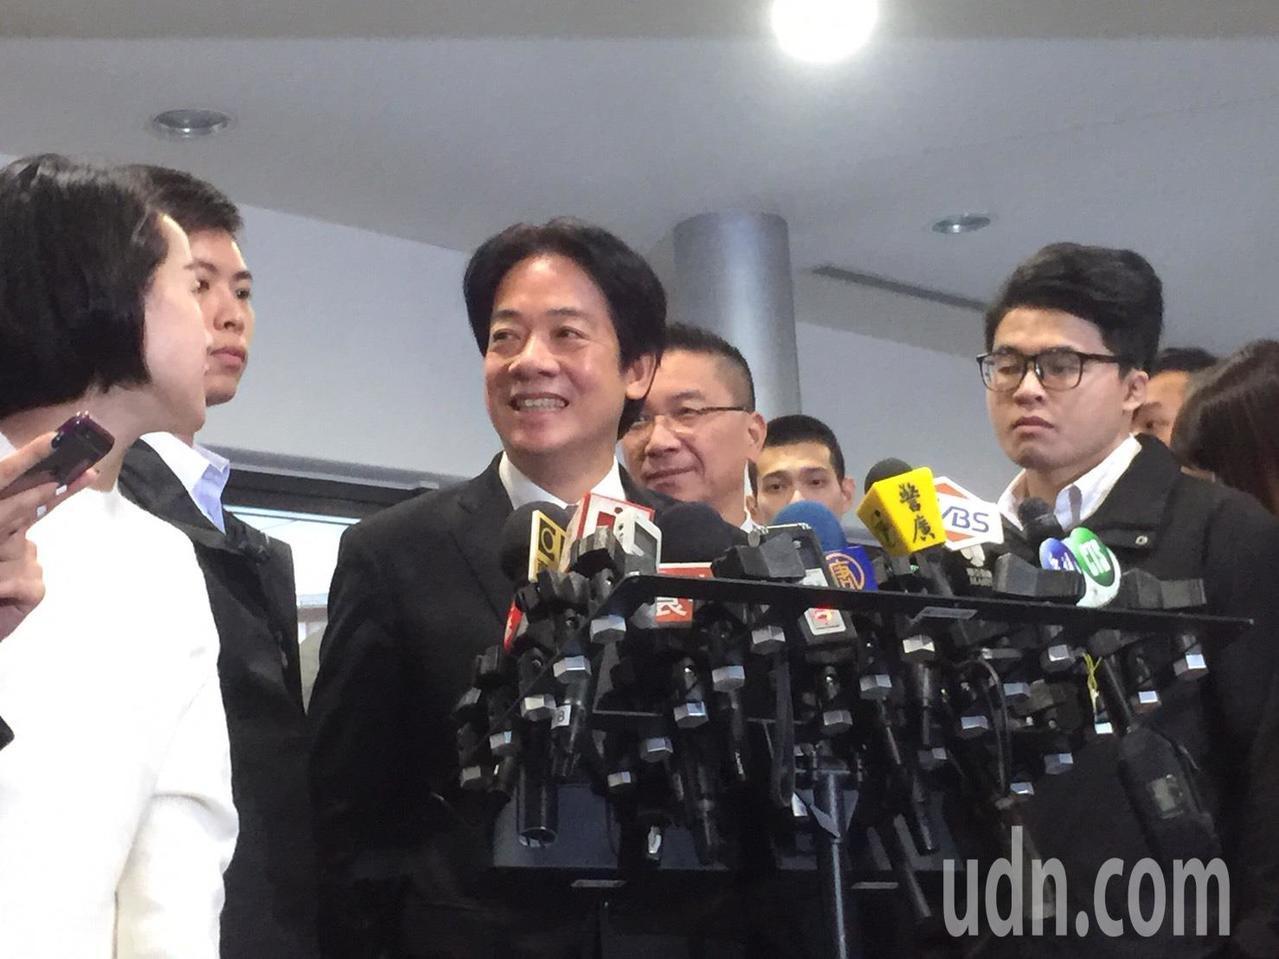 行政院長賴清德要照服員功德台灣。記者陳雨鑫/攝影